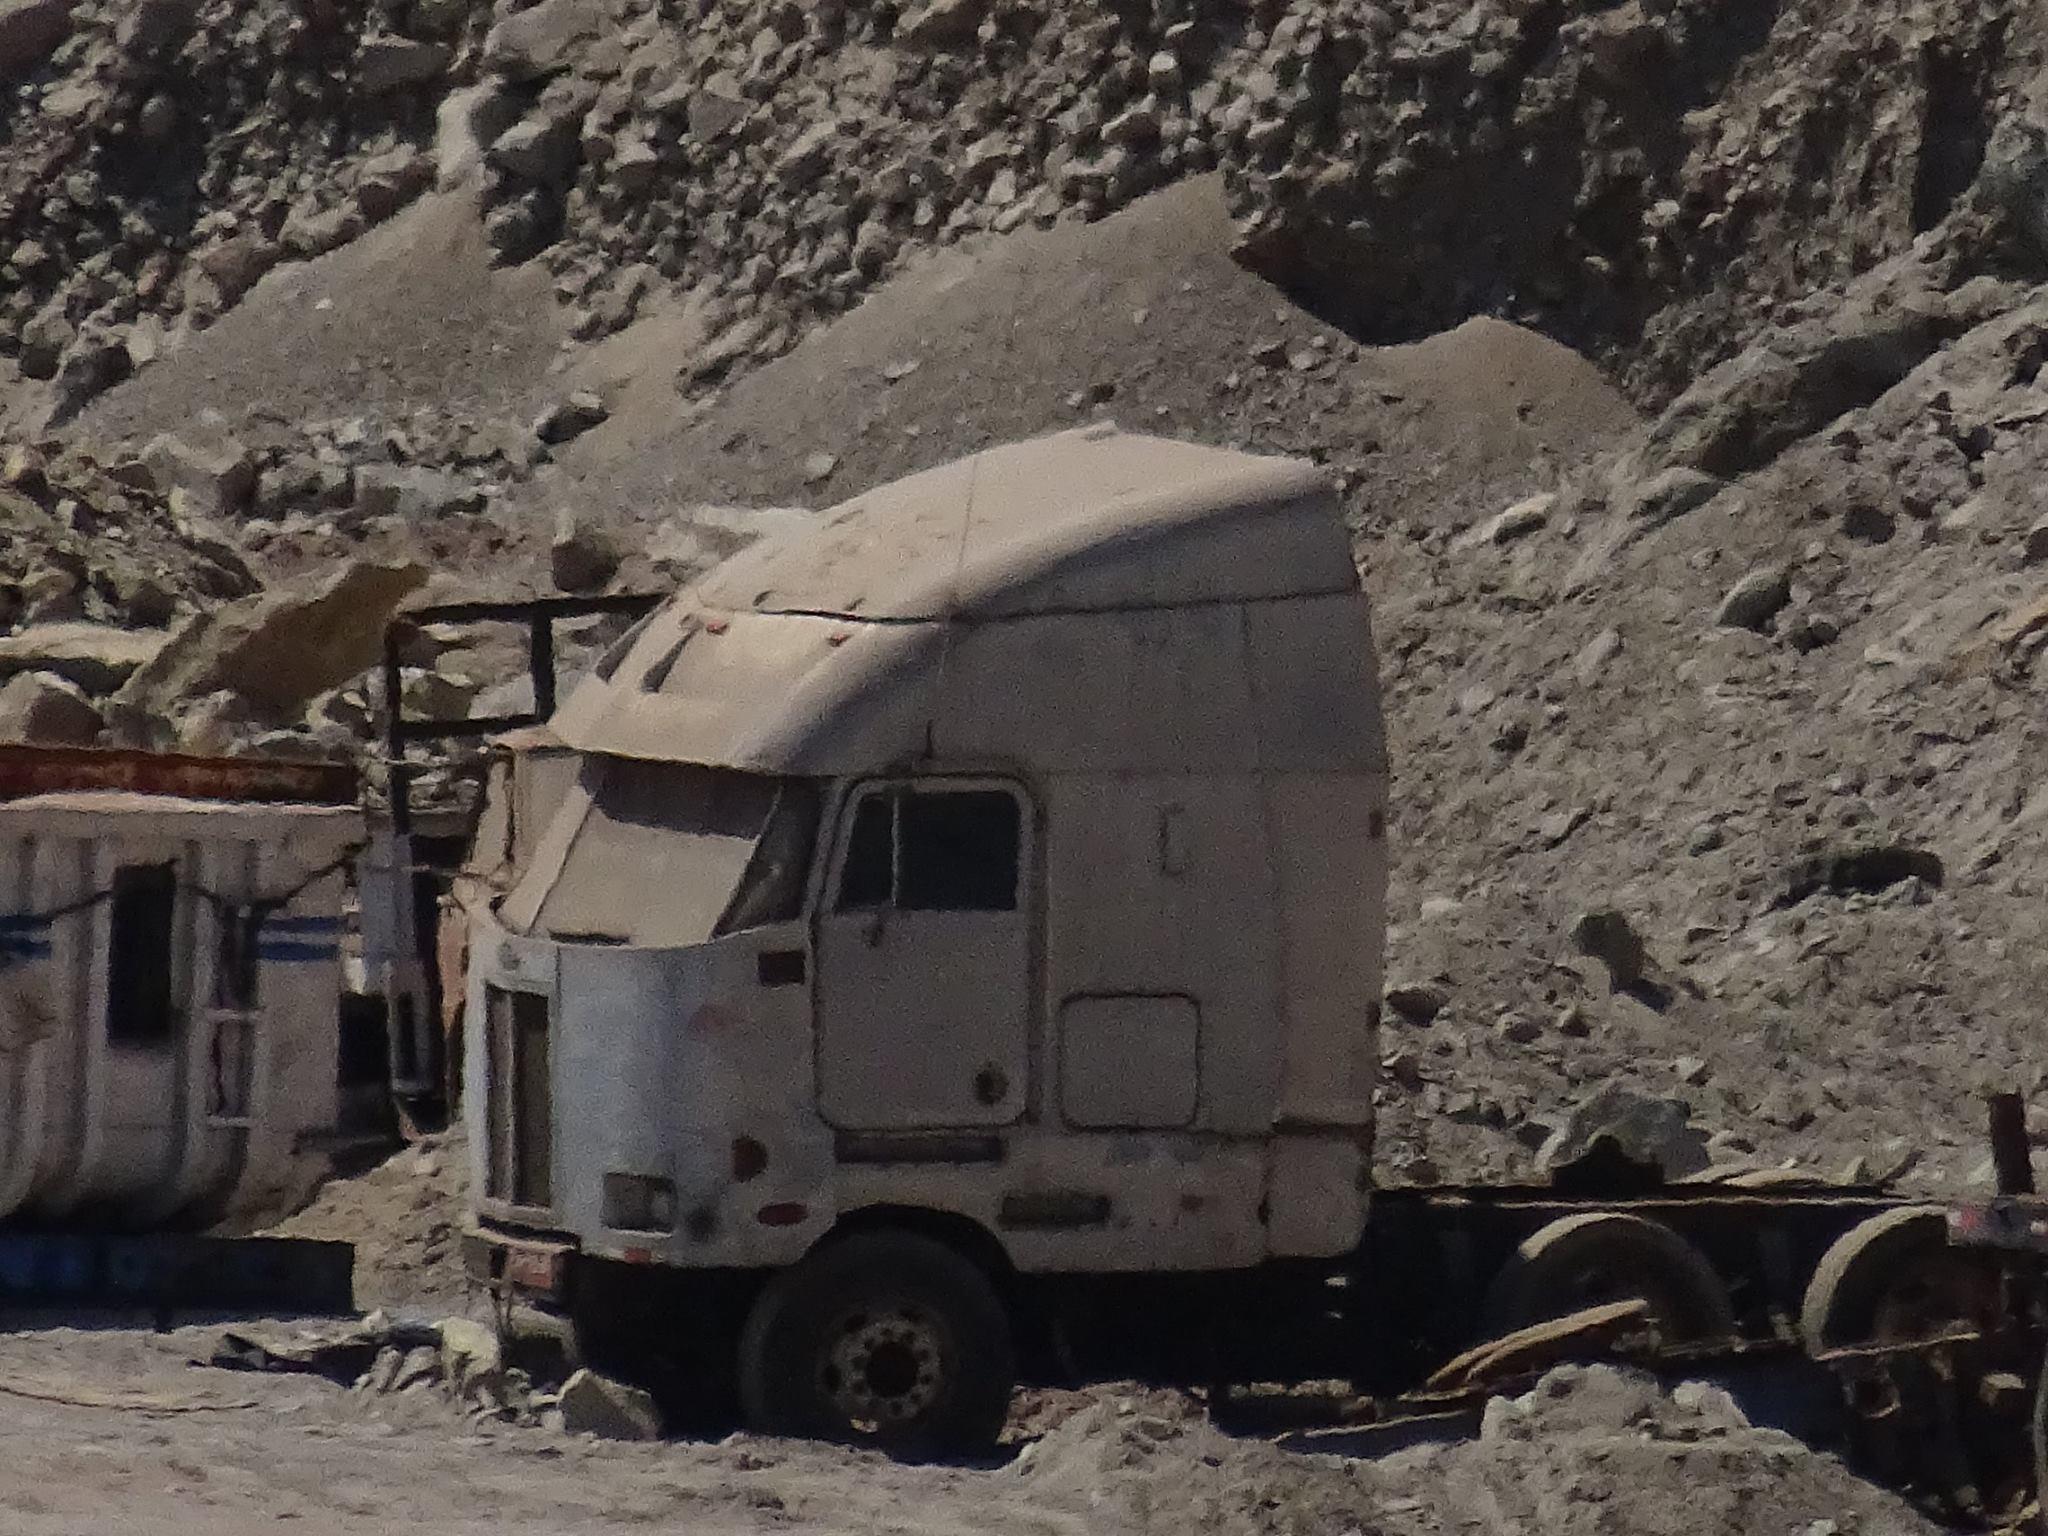 Camiones-vieja-escuela-olvidados-50